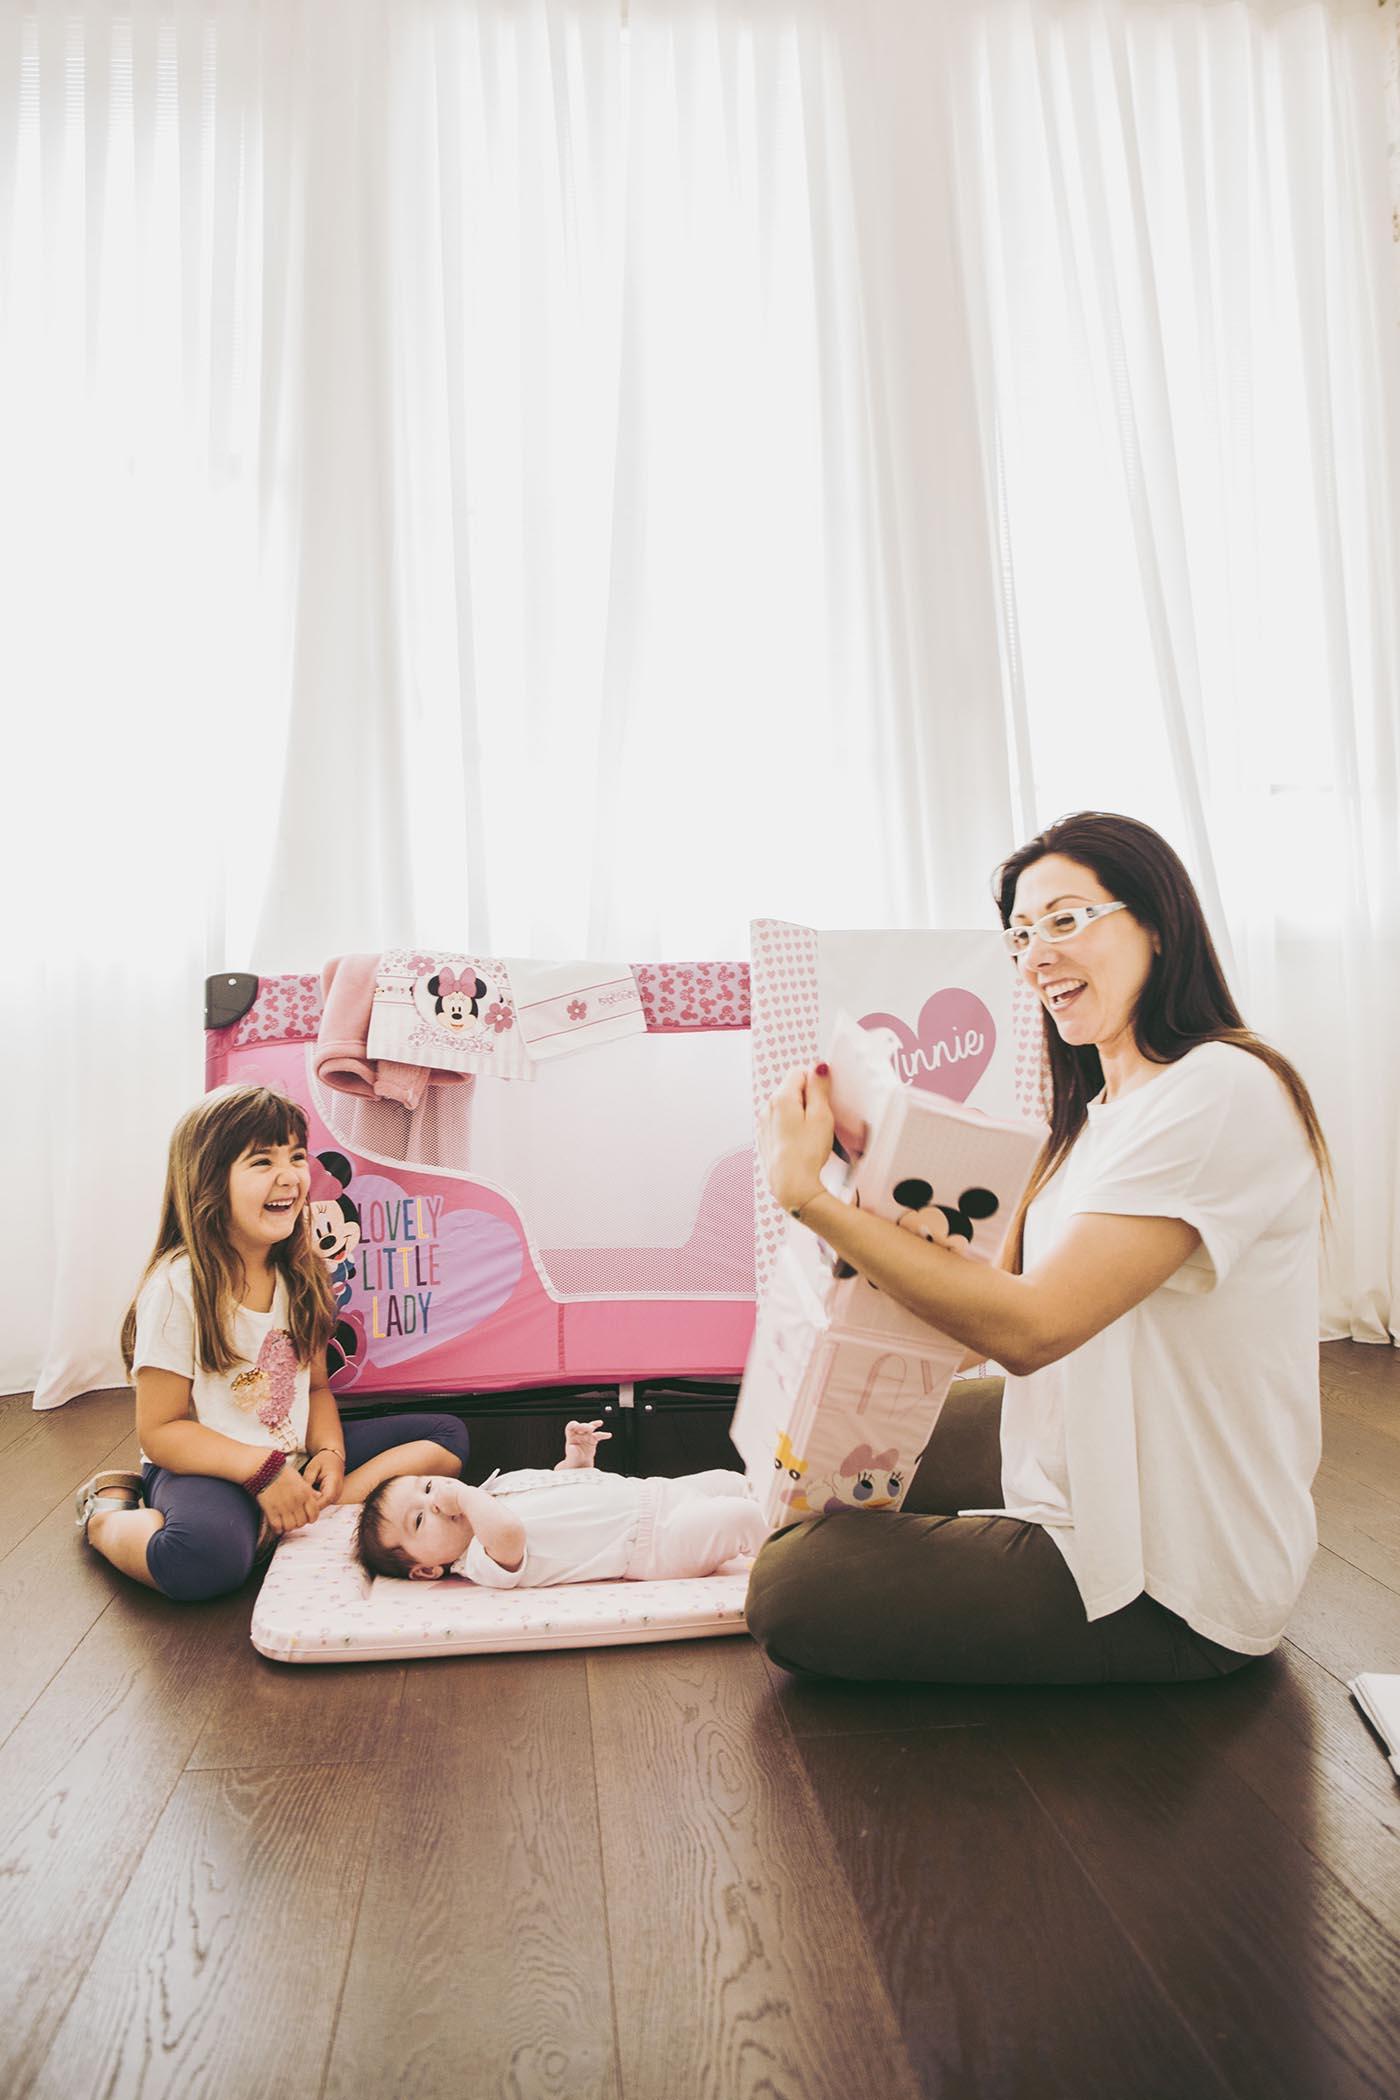 In viaggio con i bambini: gli indispensabili per il primo viaggio con un neonato